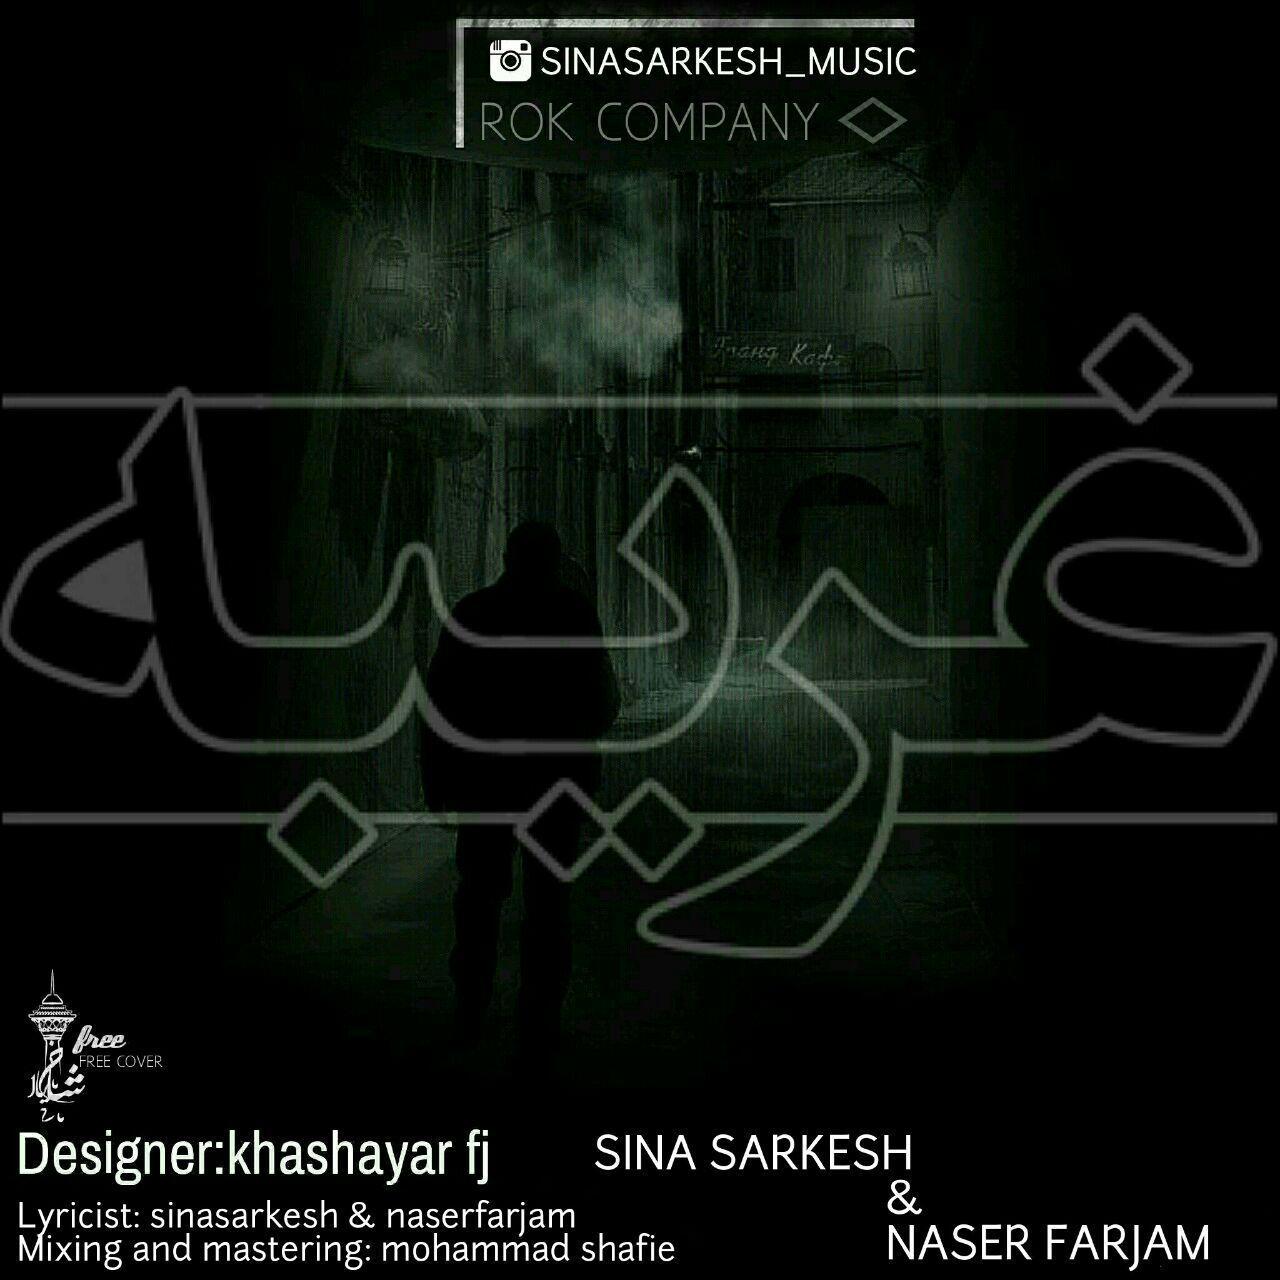 نامبر وان موزیک | دانلود آهنگ جدید Naser-Farjam-Sina-Sarkesh-Gharibe